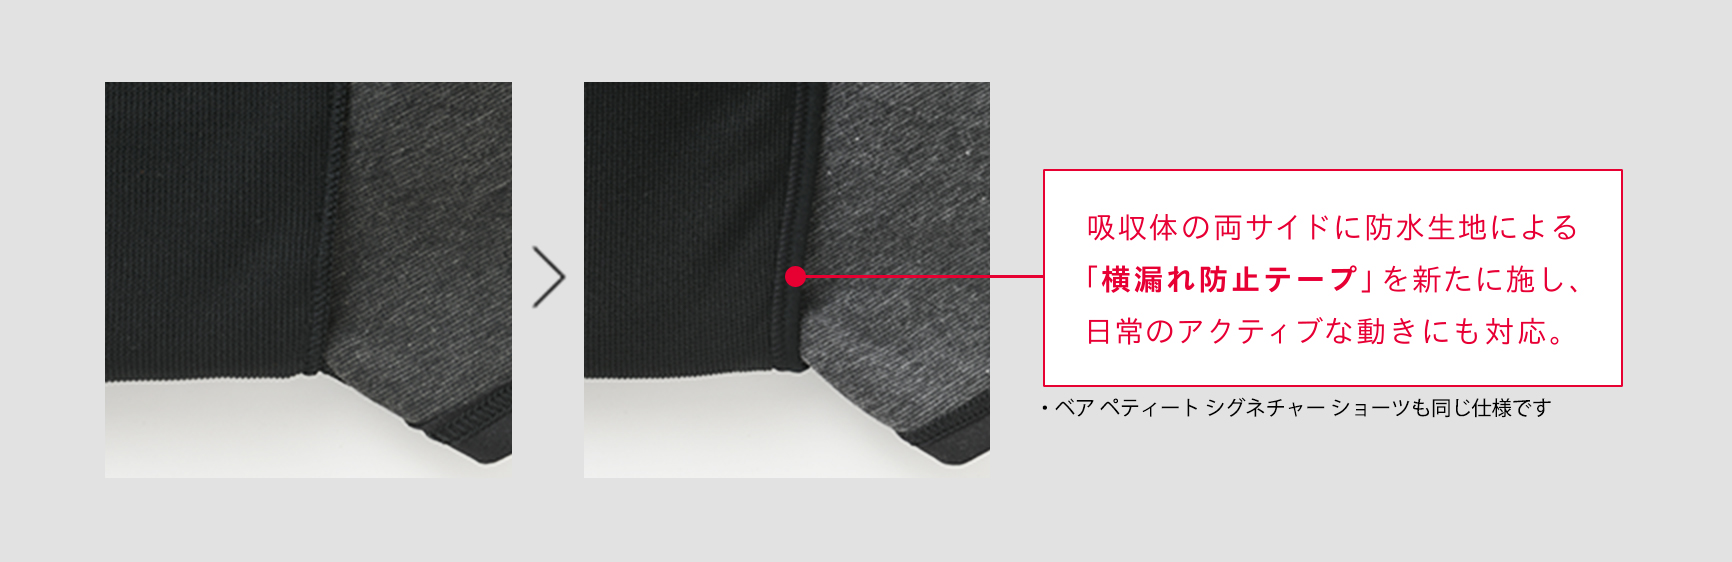 吸収体の両サイドに防水生地による「横漏れ防止テープ」を新たに施し、日常のアクティブな動きにも対応。